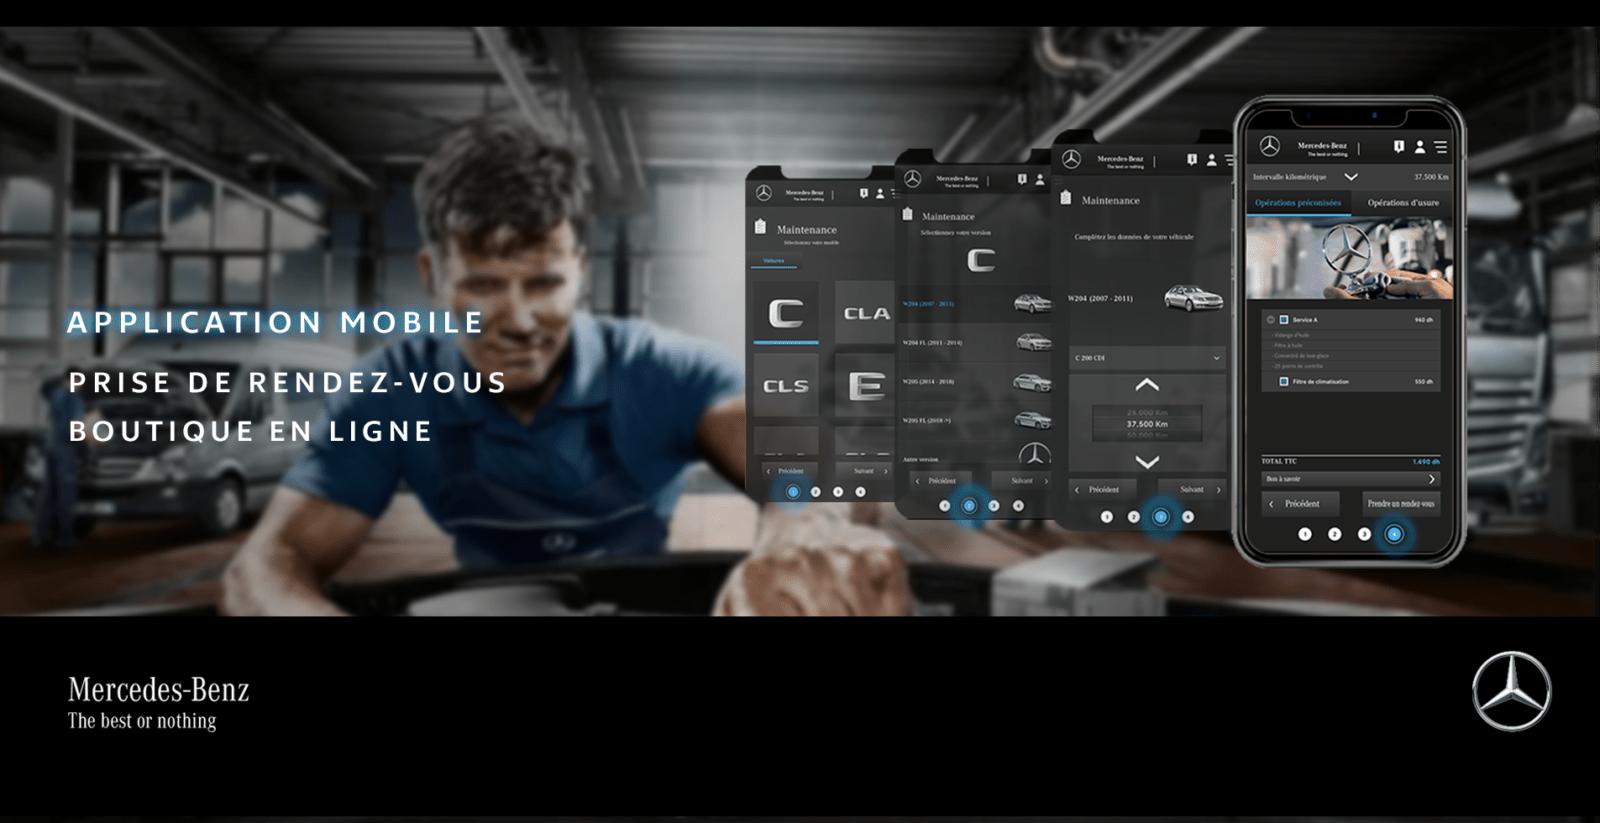 Conception et développement du site web et de l'application mobile Mercedes par l'agence web et mobile Mojjoo à Paris